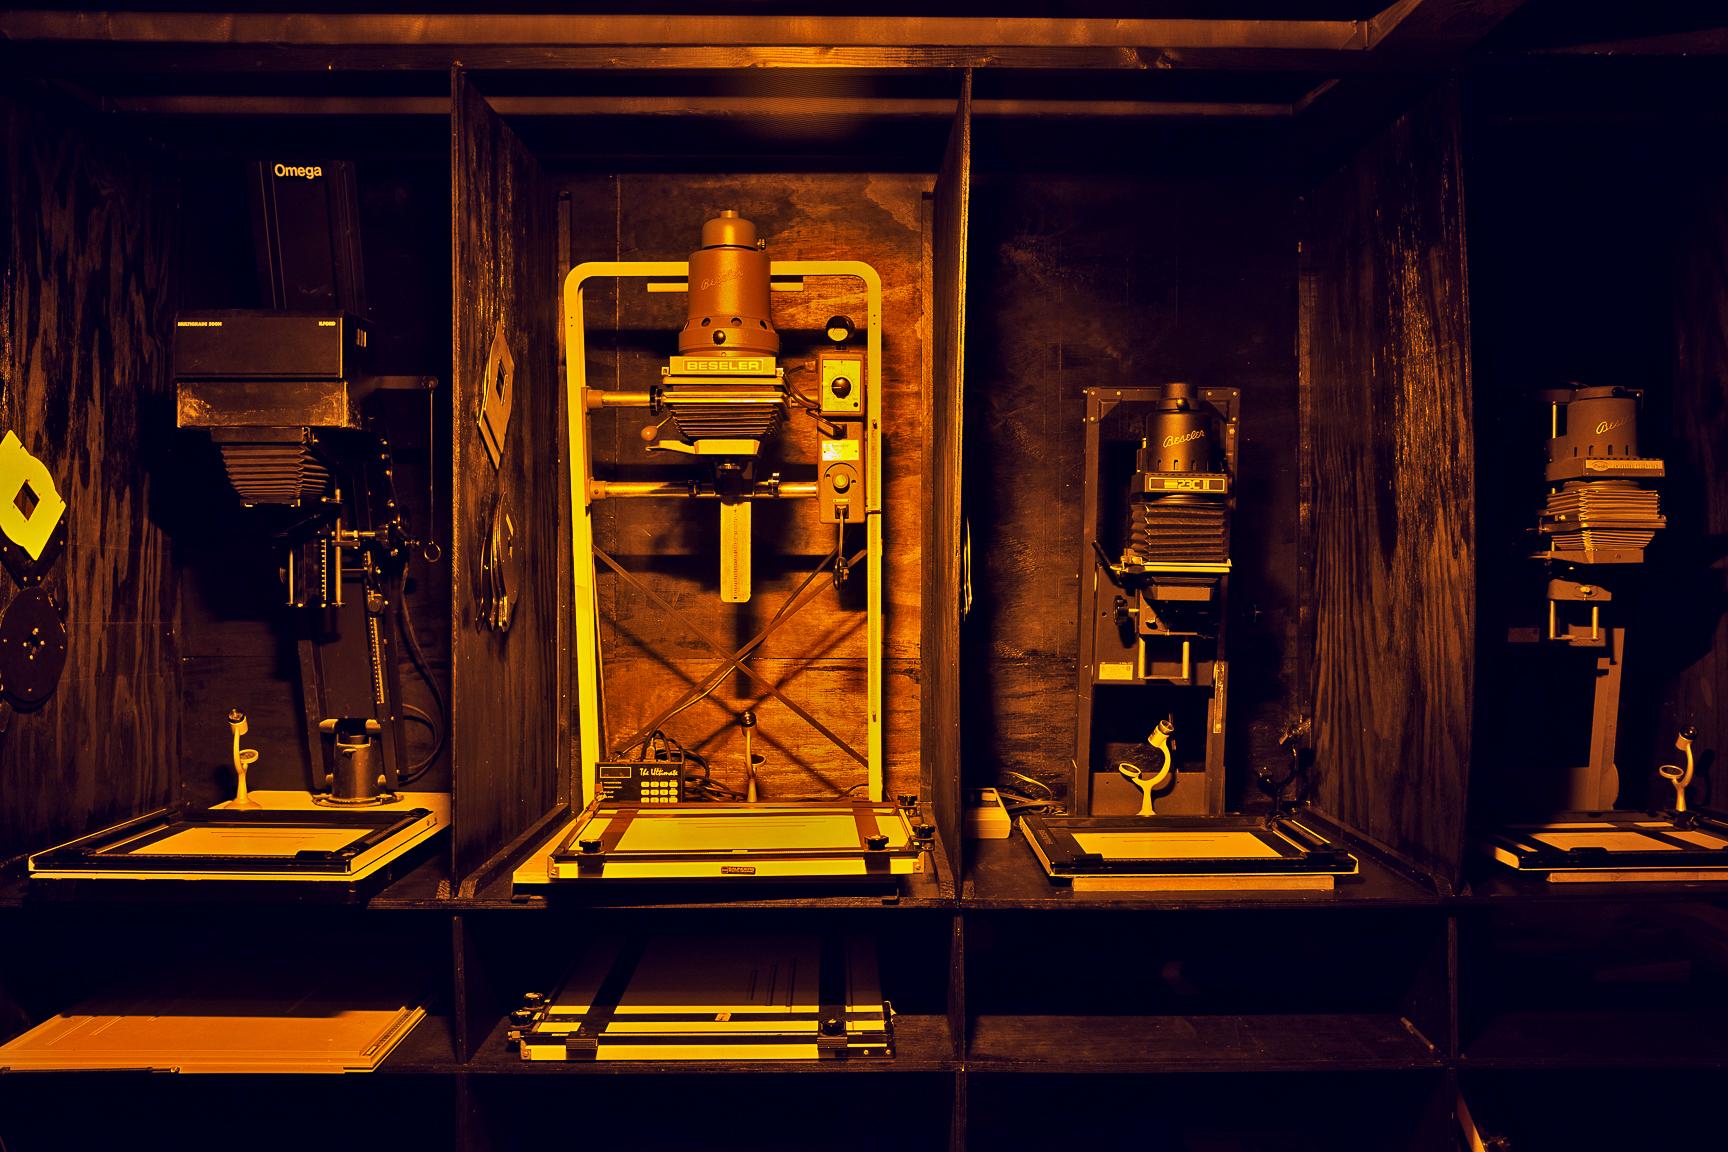 120 & 4x5 Omega & Beseler enlargers in gang B&W darkroom